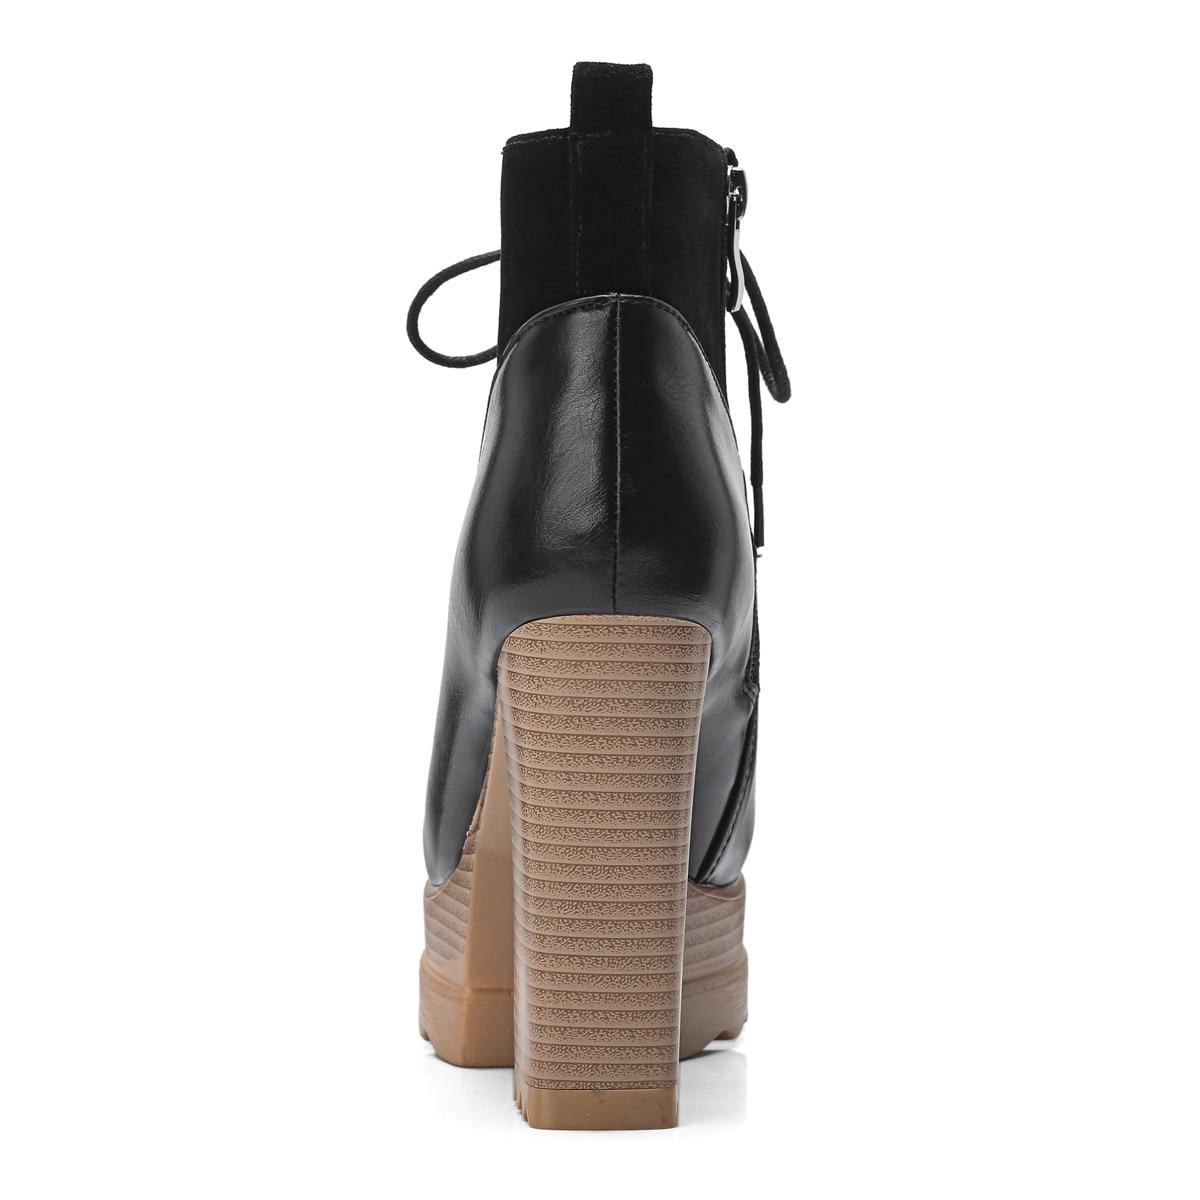 Bottes gris Esrfiyfe Éclair Microfibre Épais Plate forme Cheville La Chaussures Laçage À Apricot Femmes Fermeture Designers Nouvelle Talons 2018 De noir Marque Automne Hiver Haute Tlc3FK1J